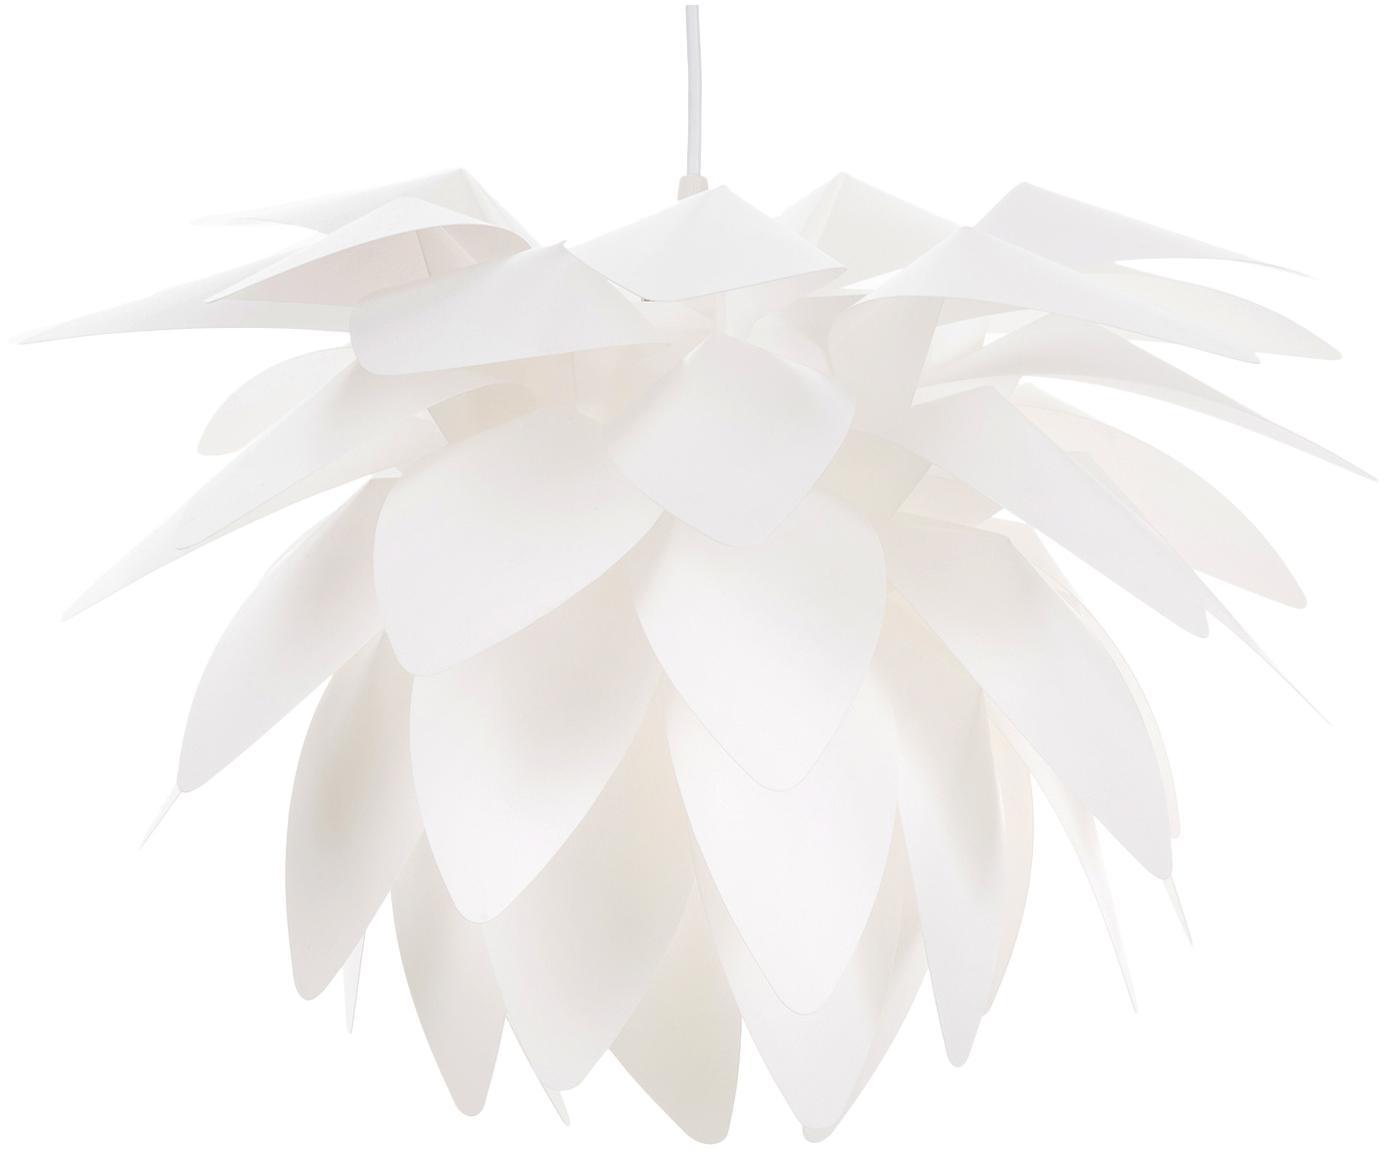 Pendelleuchte Cactus, Bausatz, Kunststoff, Weiß, Ø 43 x H 41 cm